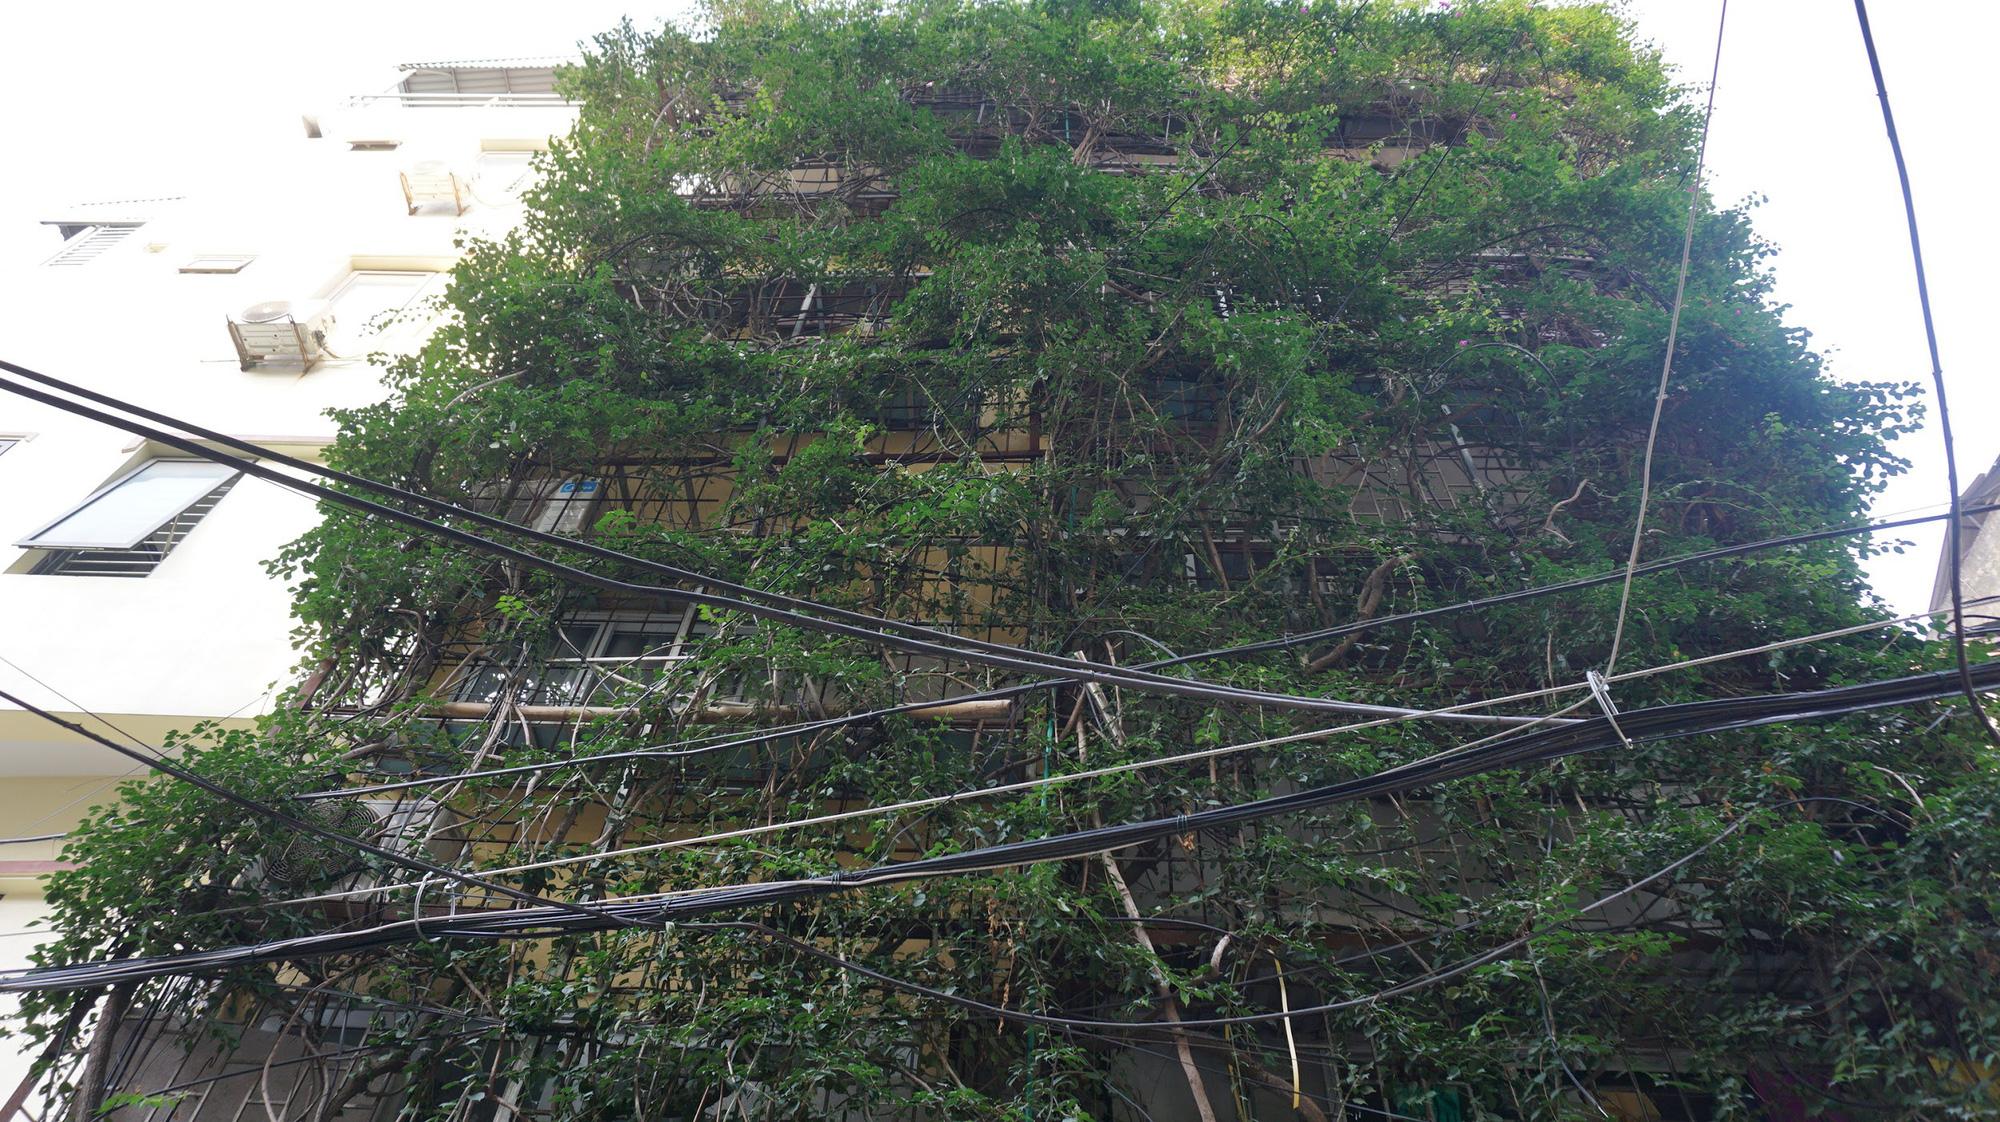 Nhà cây 5 tầng phủ kín hoa giấy ở Hà Nội, ai đi qua cũng dừng lại ngắm - Ảnh 3.